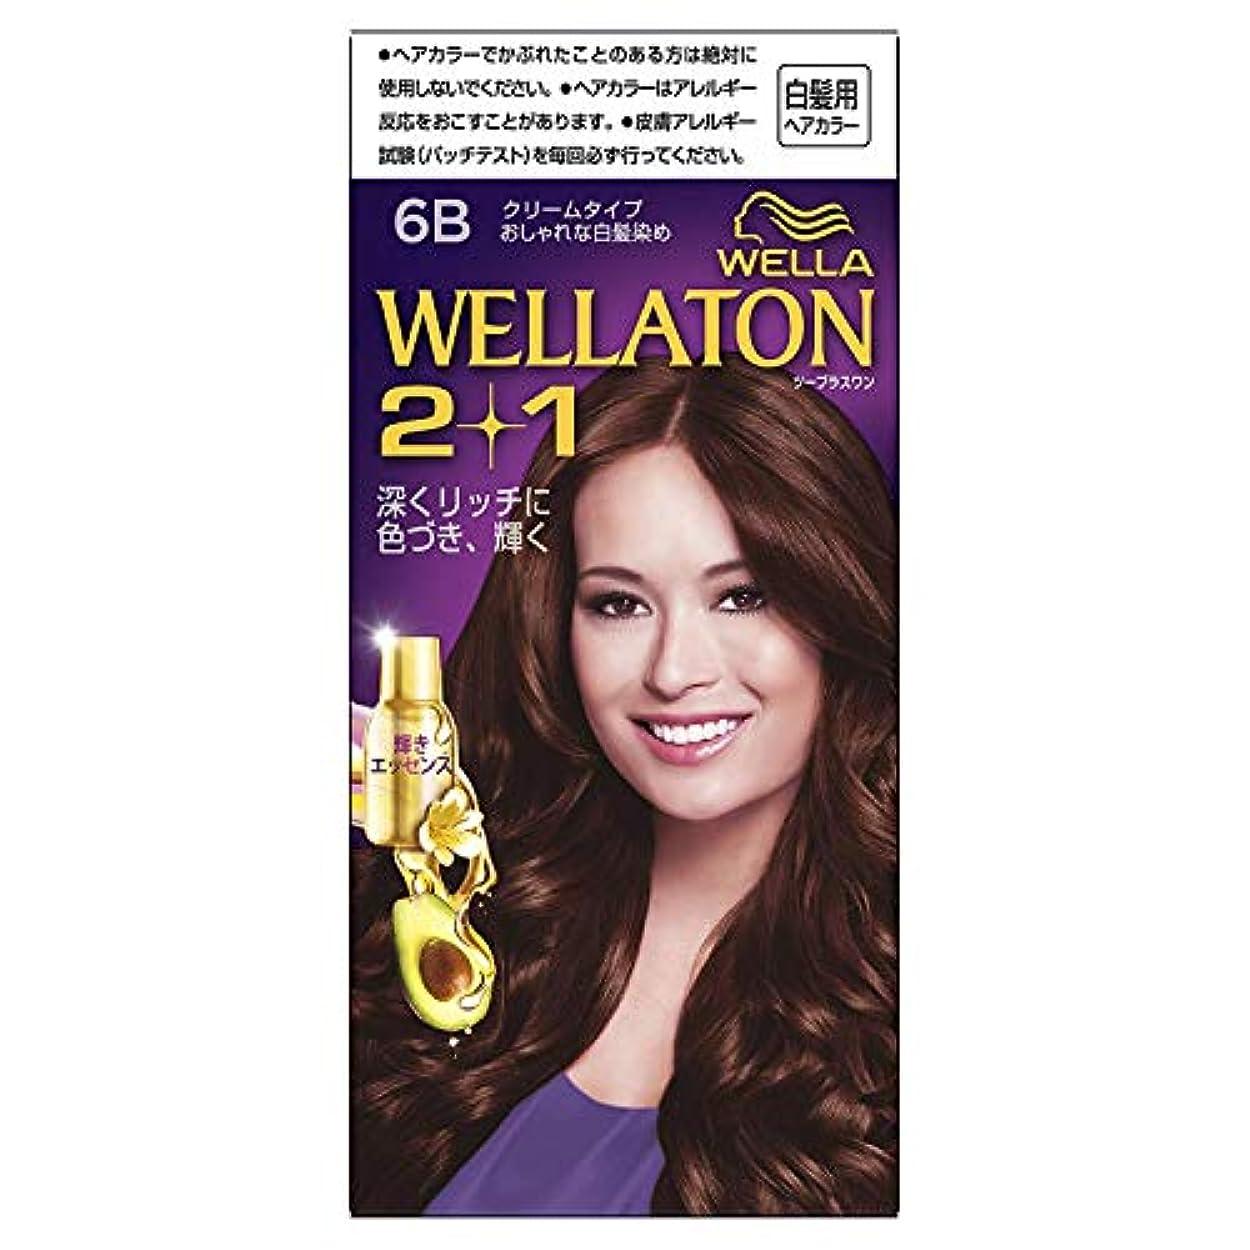 心配する考える品種ウエラトーン2+1 クリームタイプ 6B [医薬部外品] ×6個